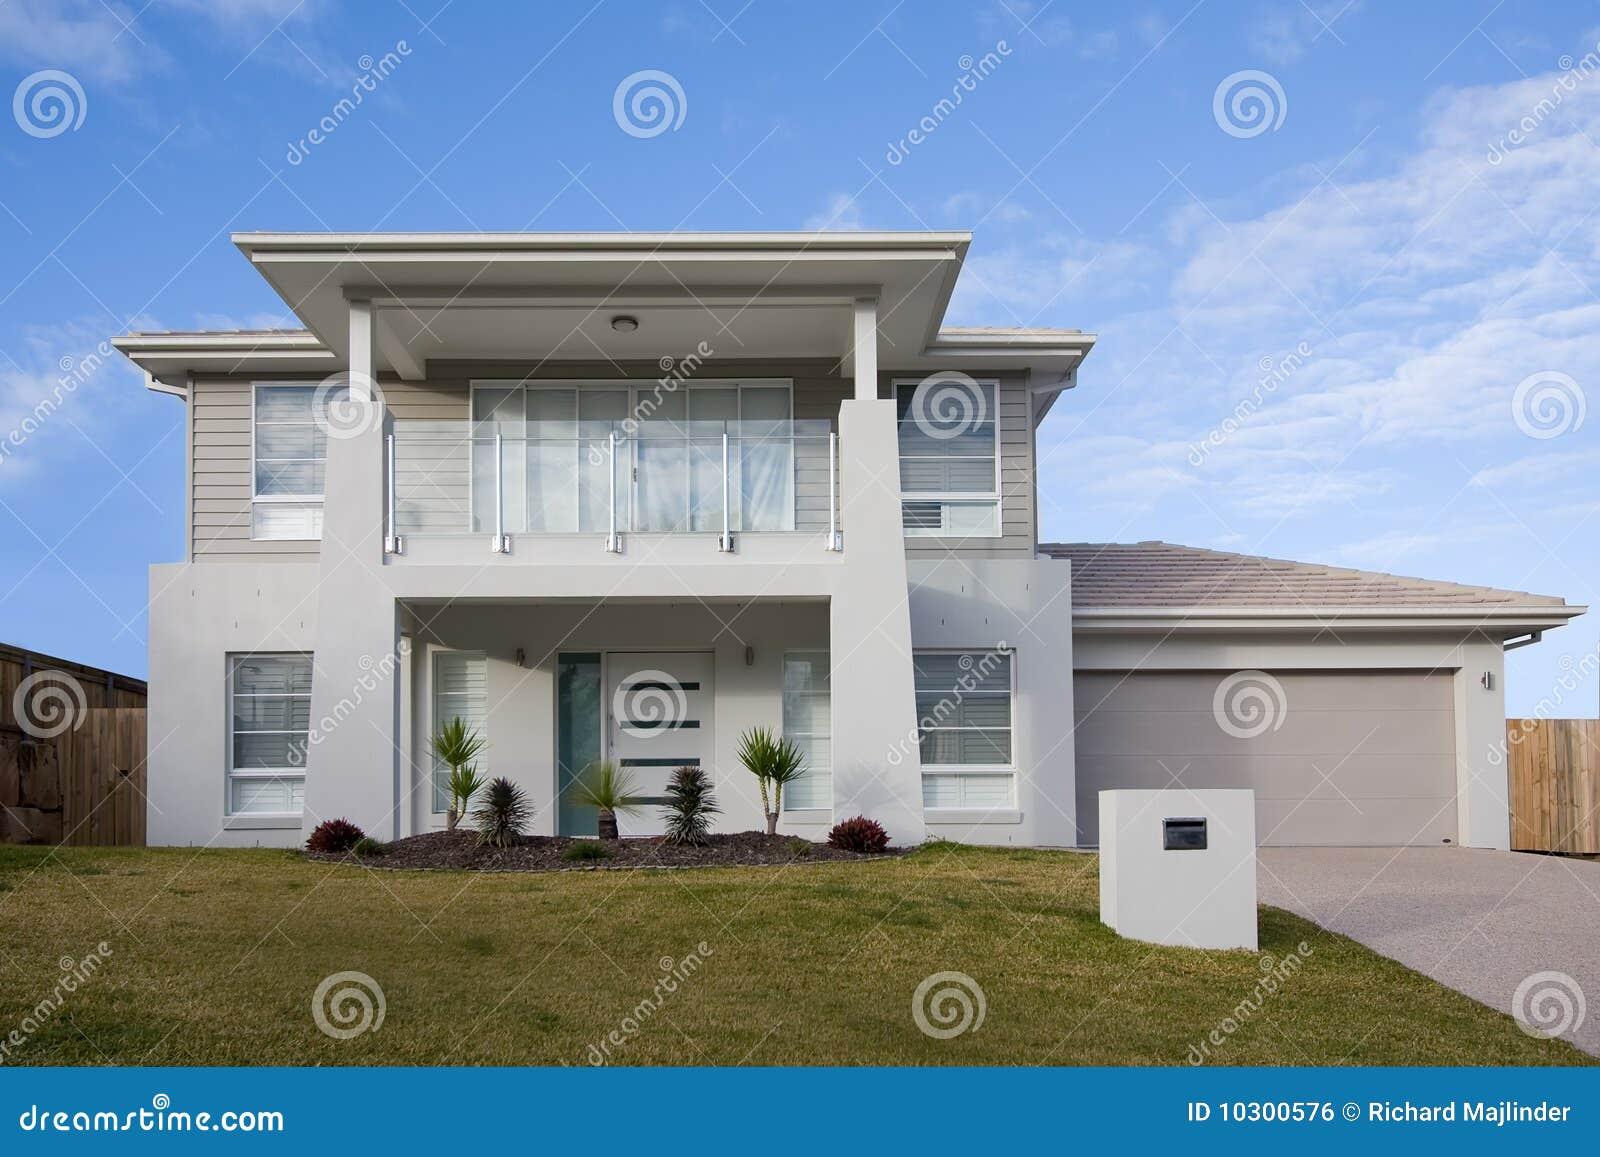 Modernes haus mit zwei geschossen mit einem balkon for Modernes japanisches haus